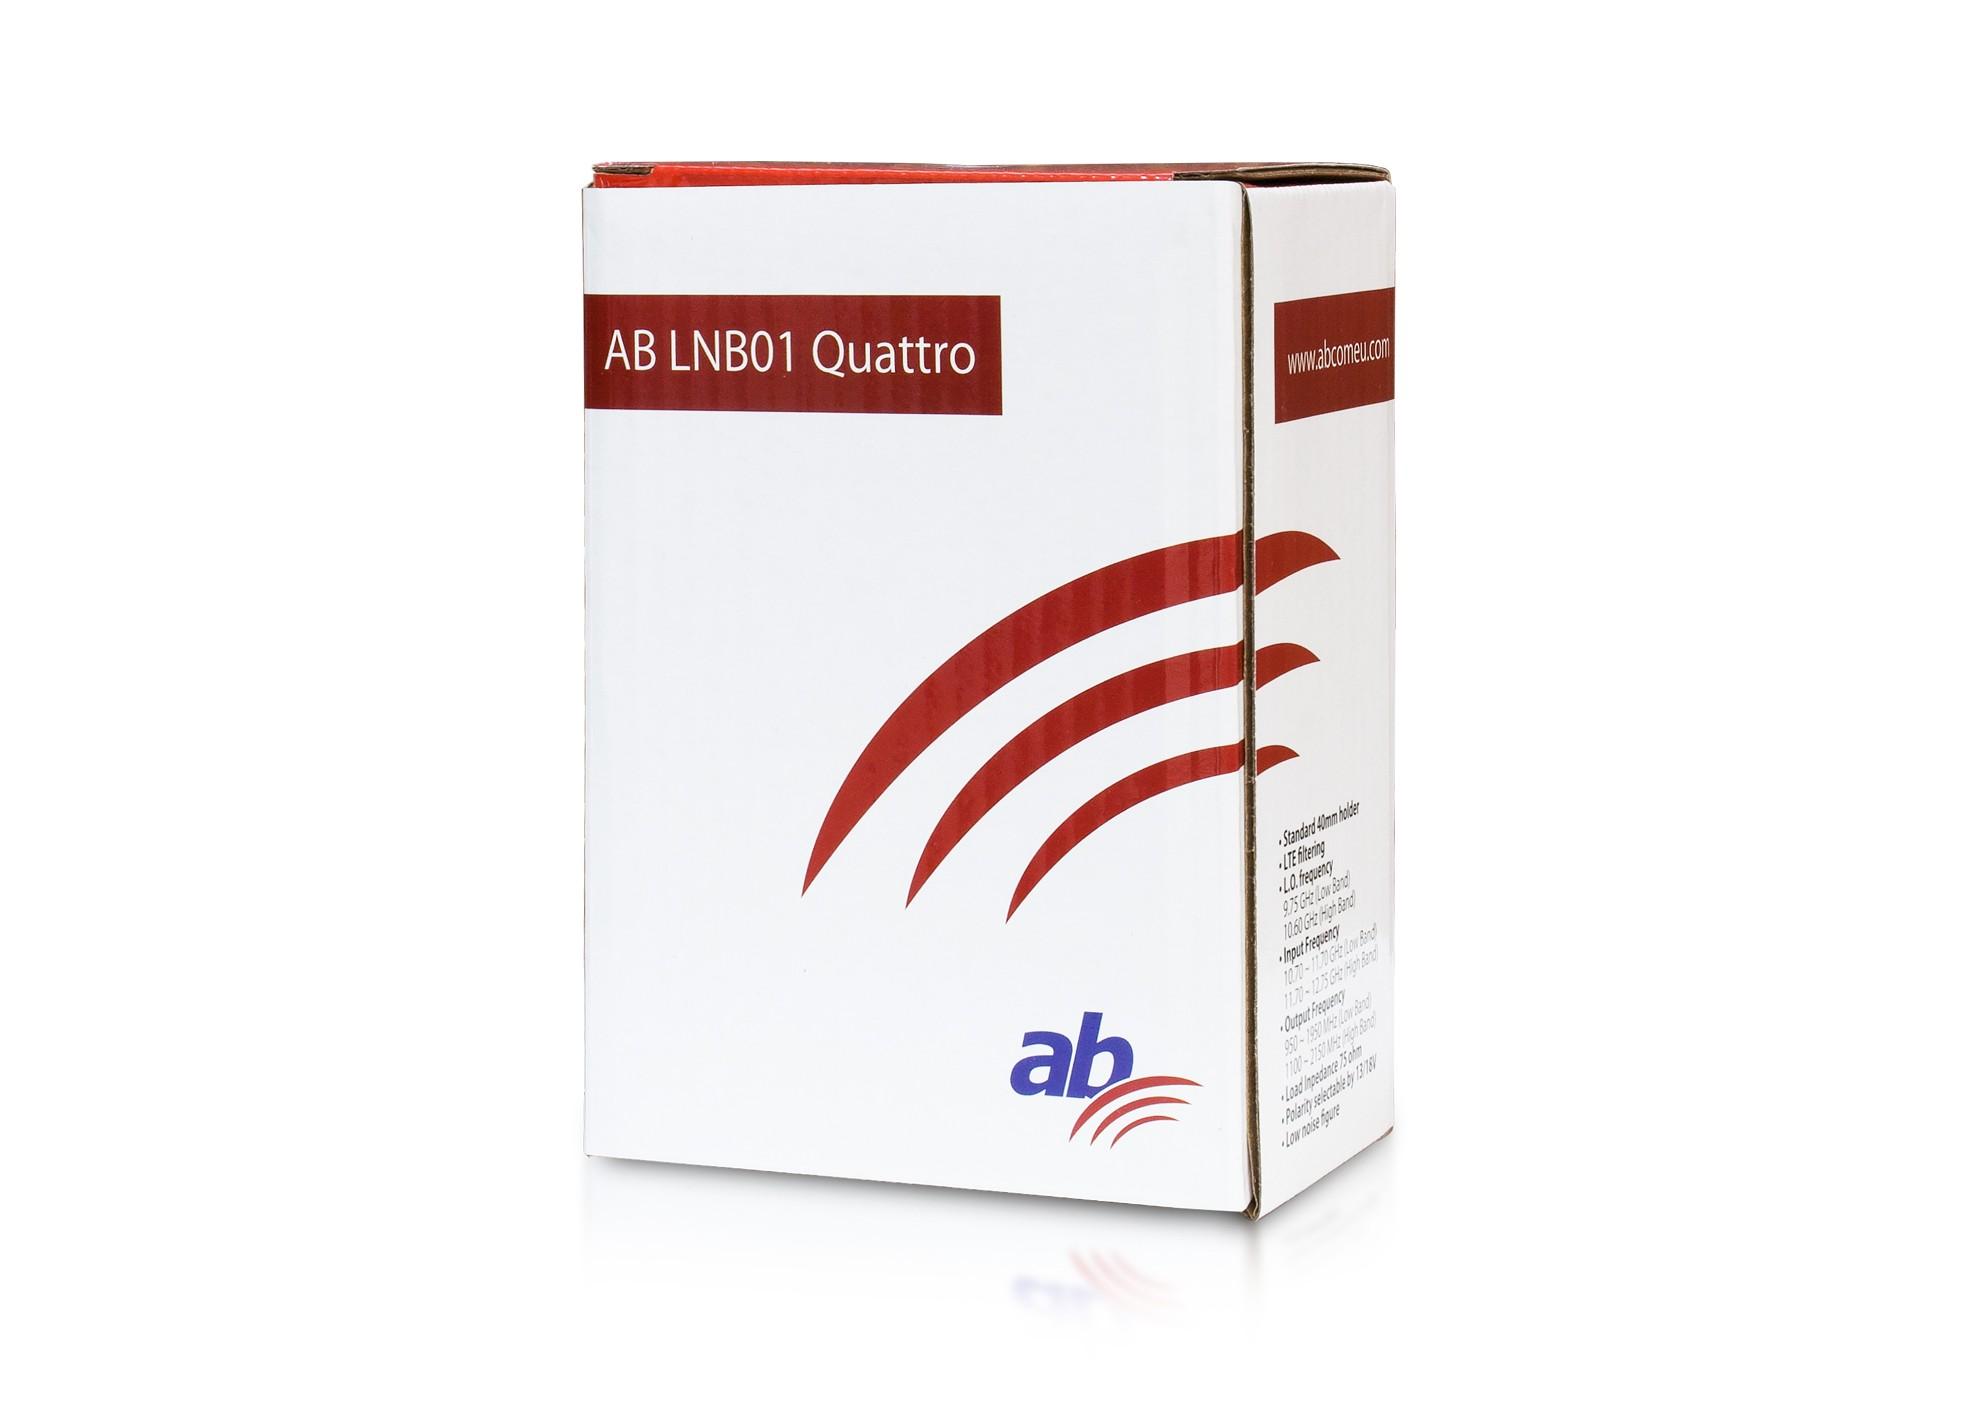 AB LNB01 Quattro Red Edition